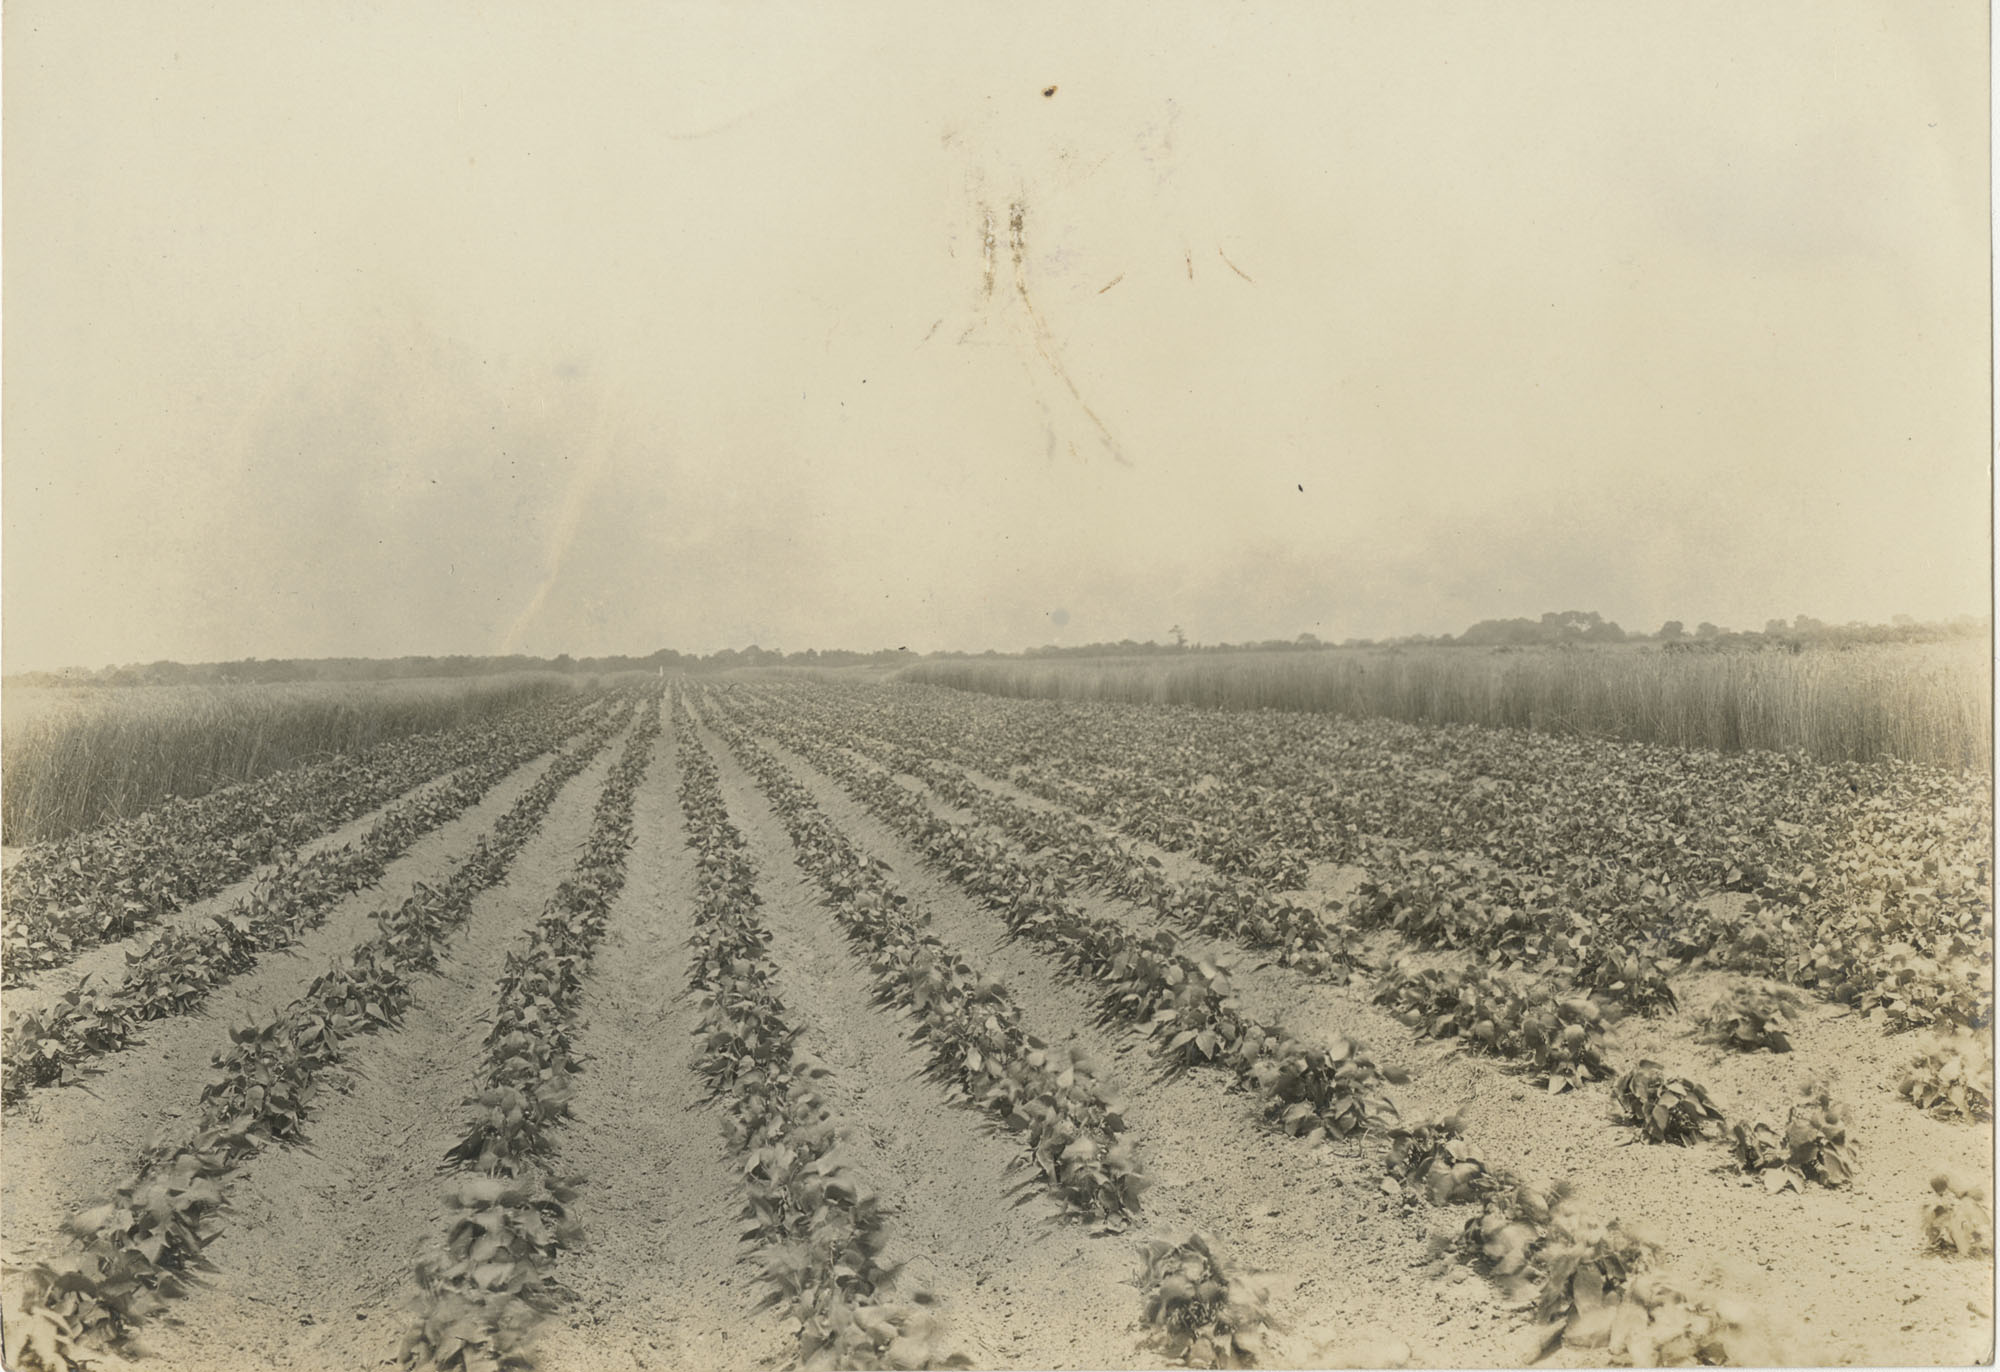 Fordhook Lima Bean Field